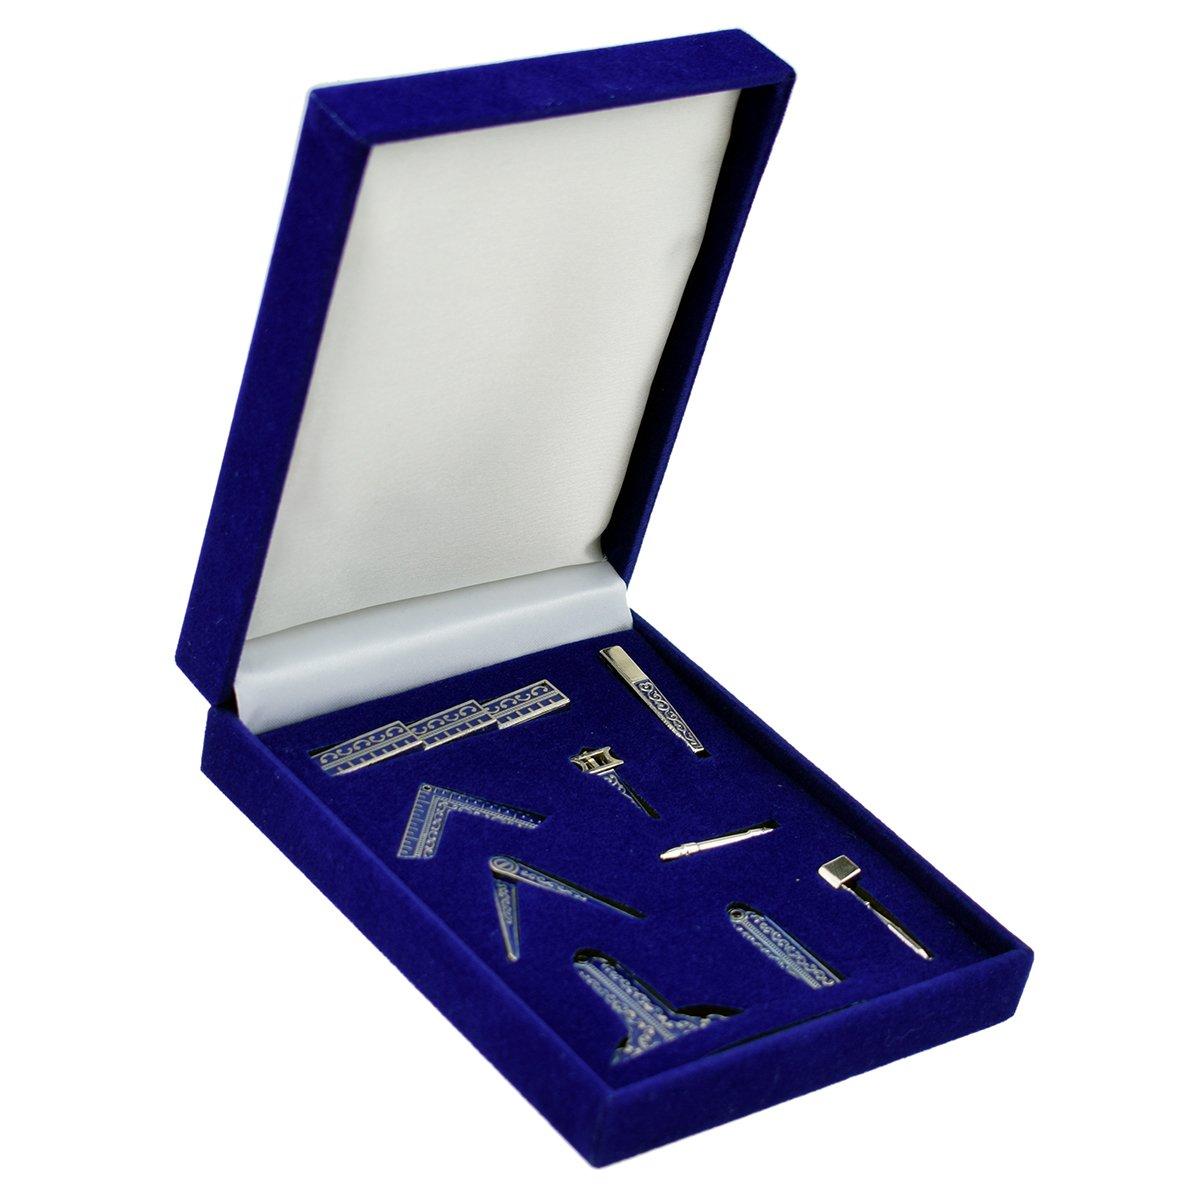 Miniatur-Tools Miniatur-Tools Miniatur-Tools Geschenkset XLFG014 Arbeiten Zeichen B0107URTZ6 | Professionelles Design  e5a886